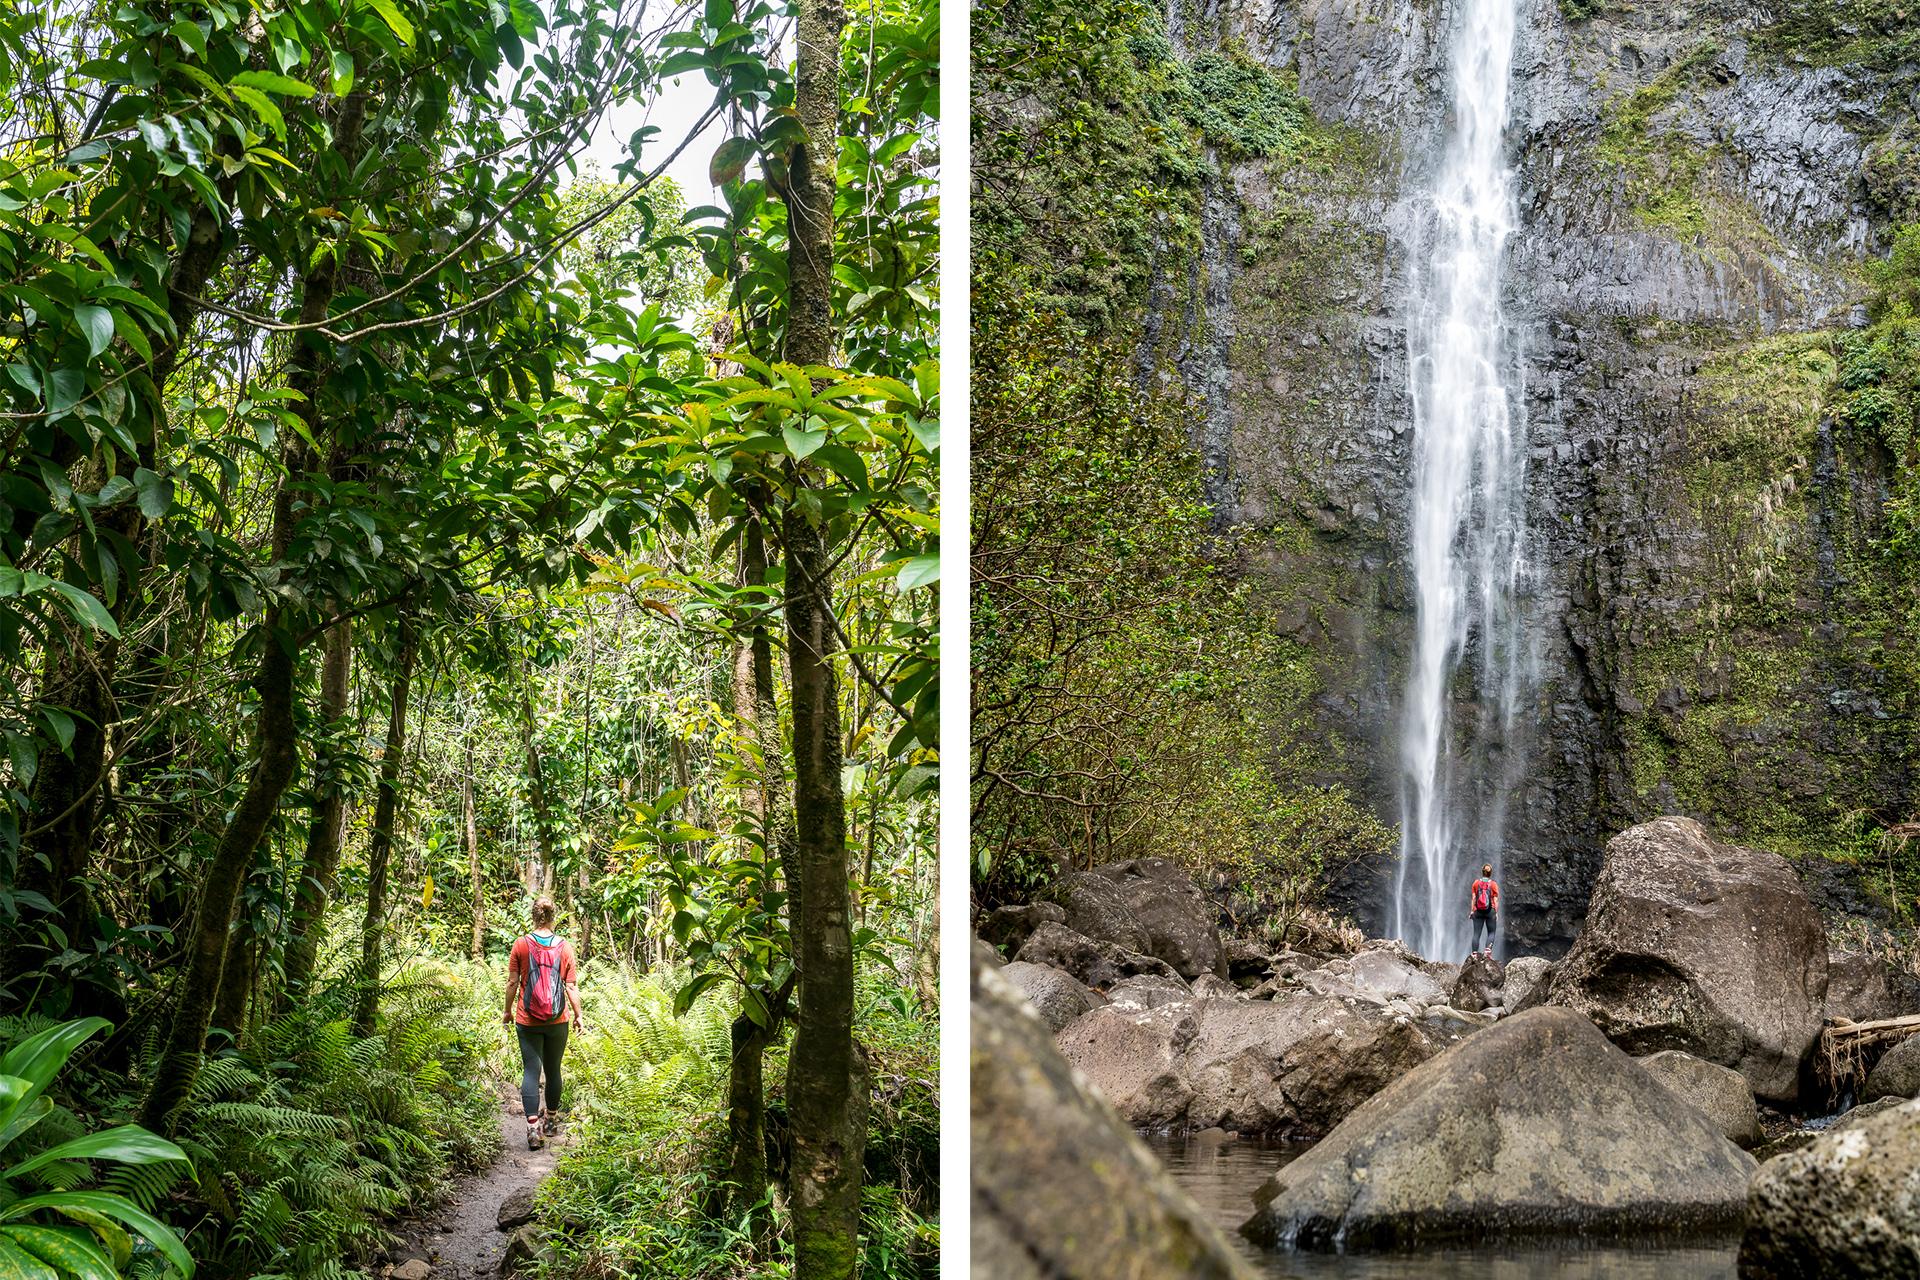 Wanderung zum Hanakapiai Wasserfall